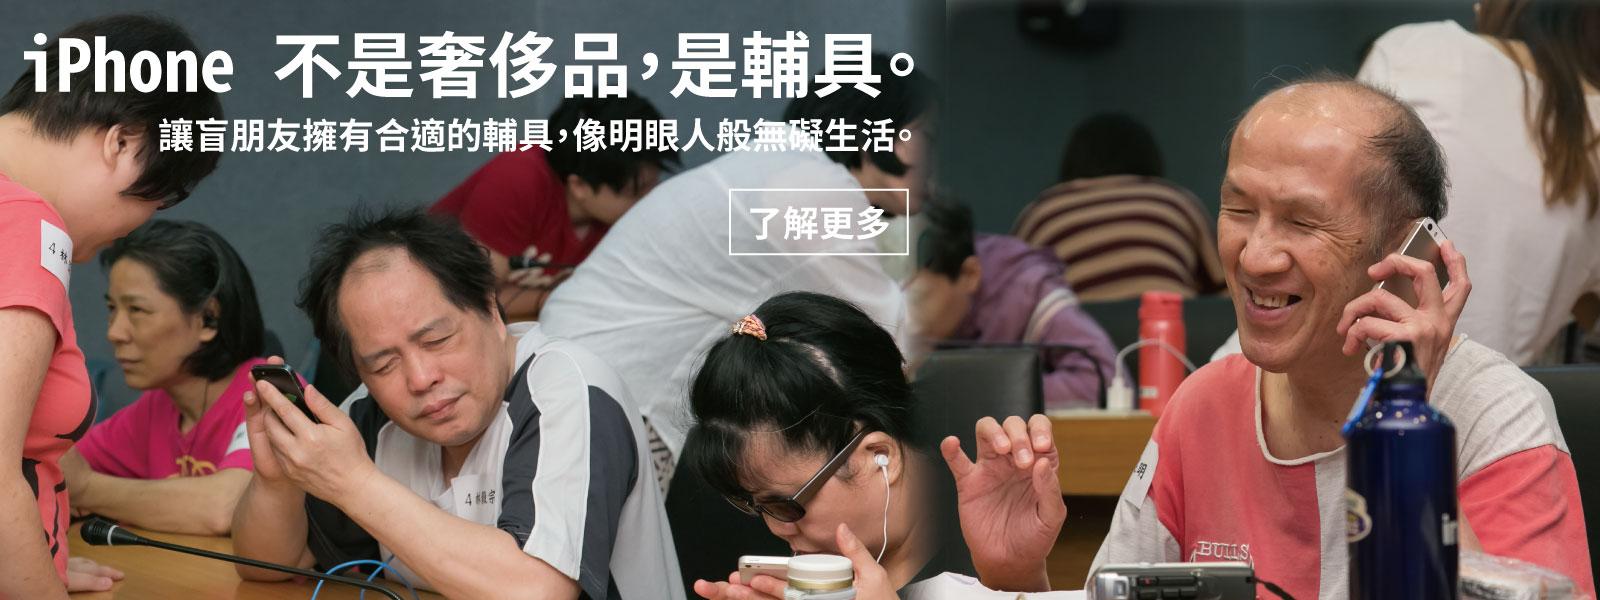 二手iPhone助盲計劃